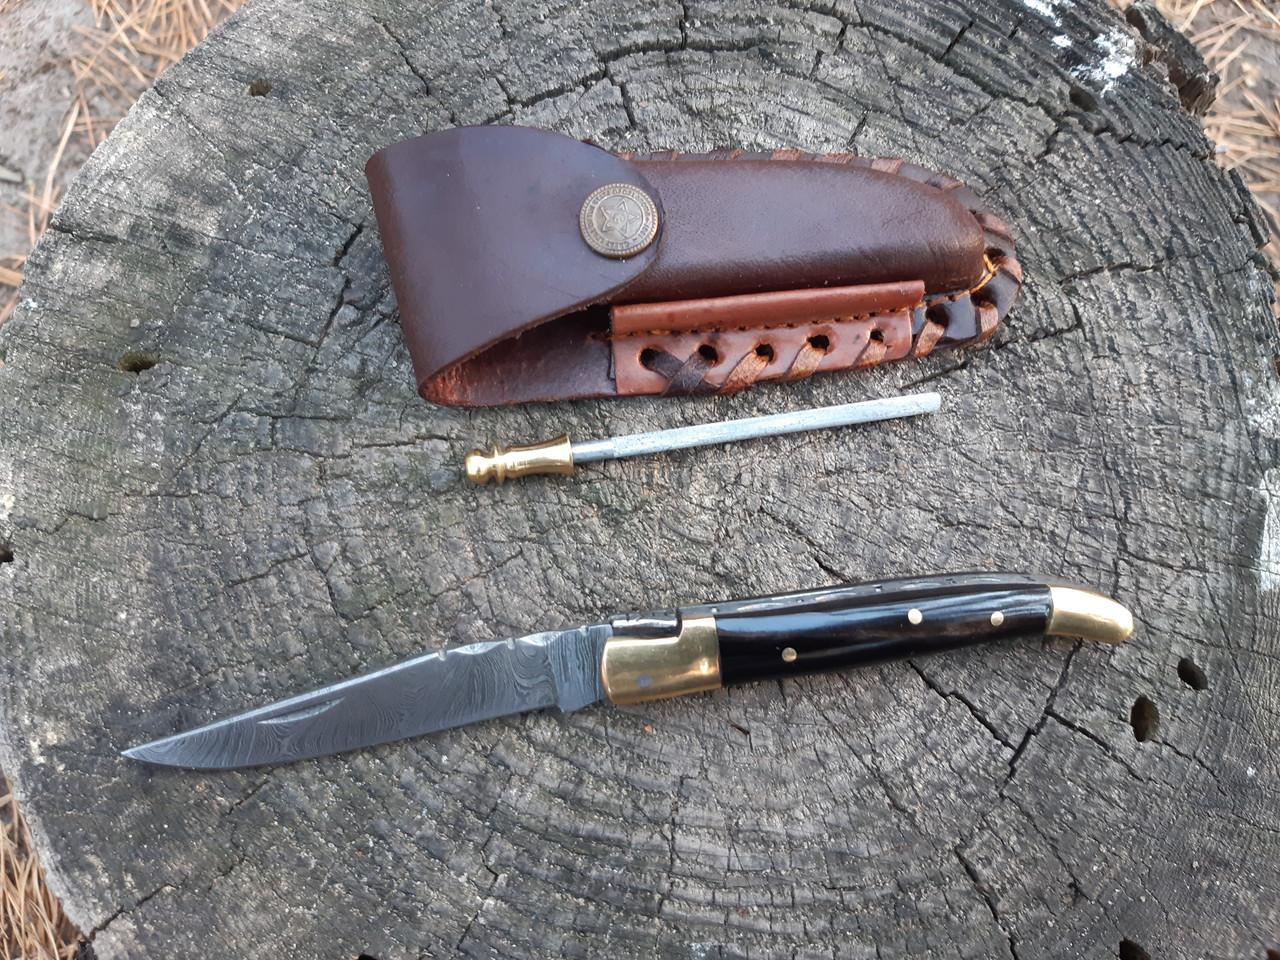 Нож складной  из дамасской стали+ точилка ручная работа ,эксклюзив(Рог буйвола)